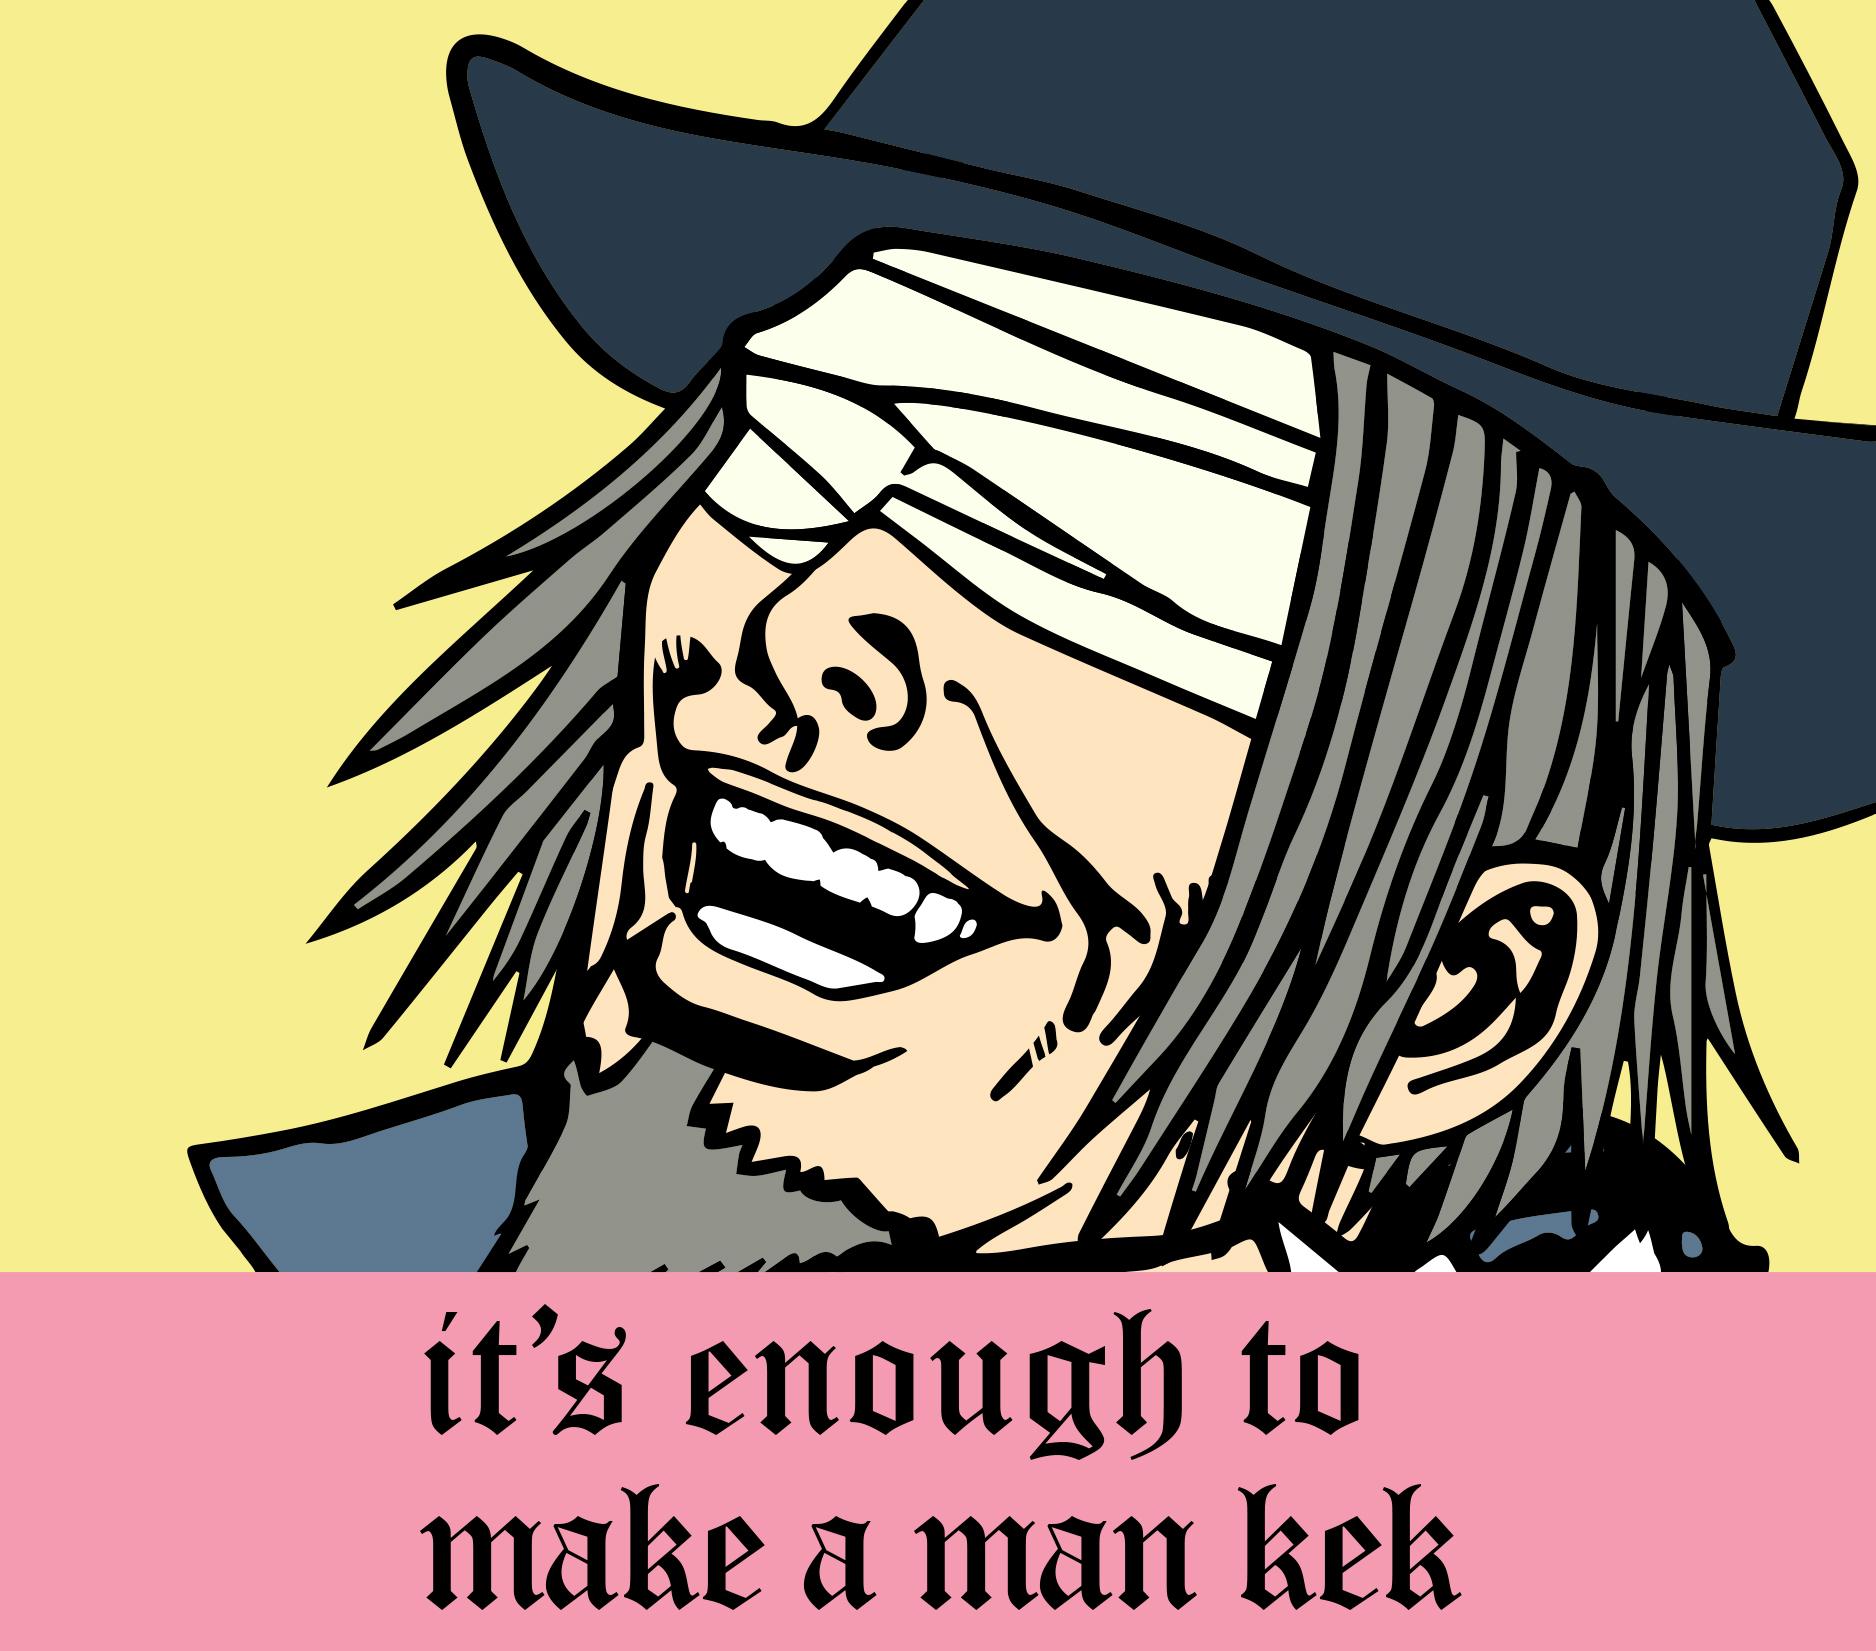 Enough_to_make_a_man_kek.jpg